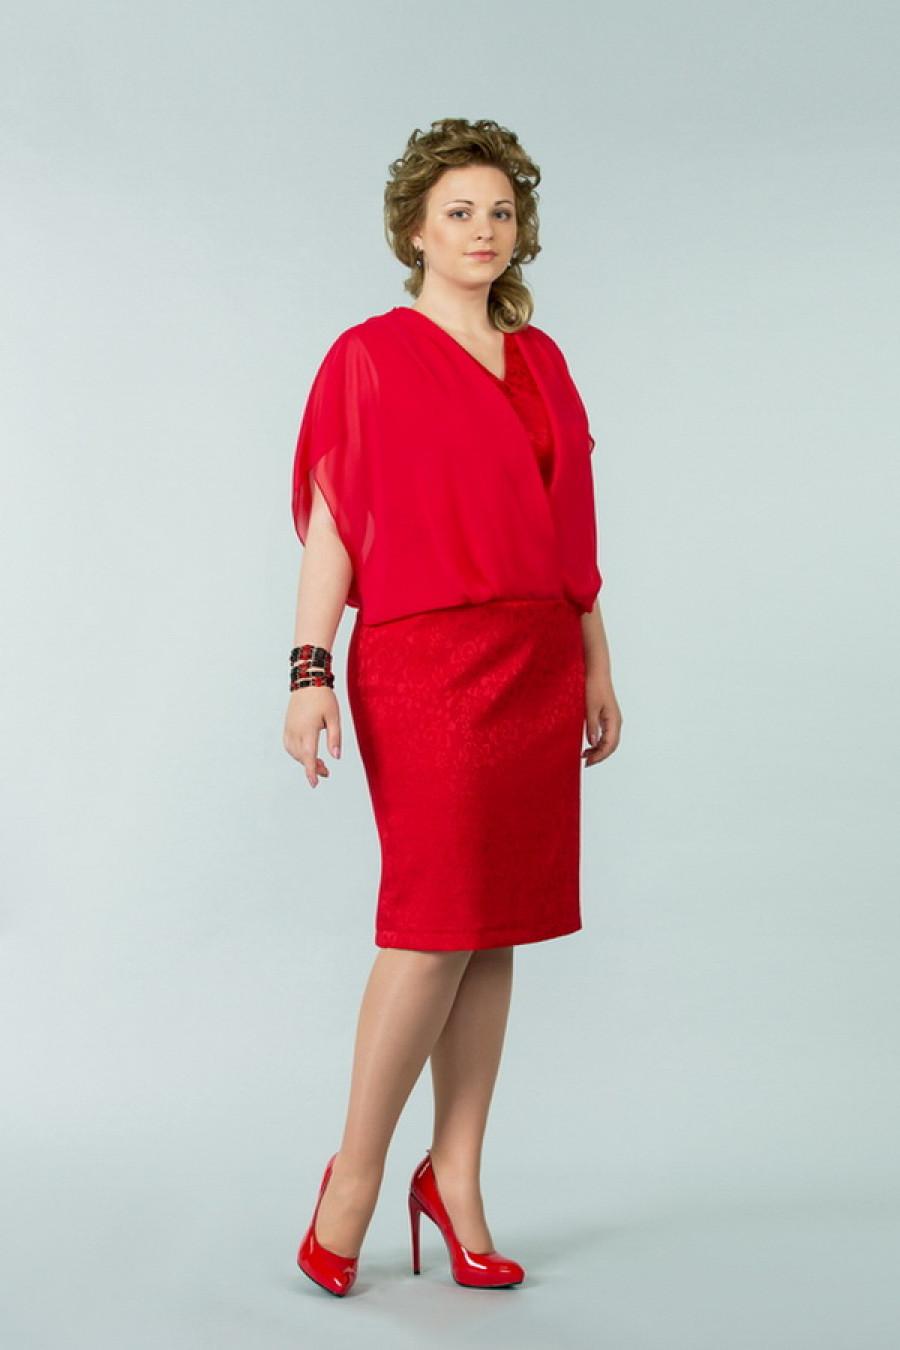 Одежда Через Интернет Для Полных Женщин